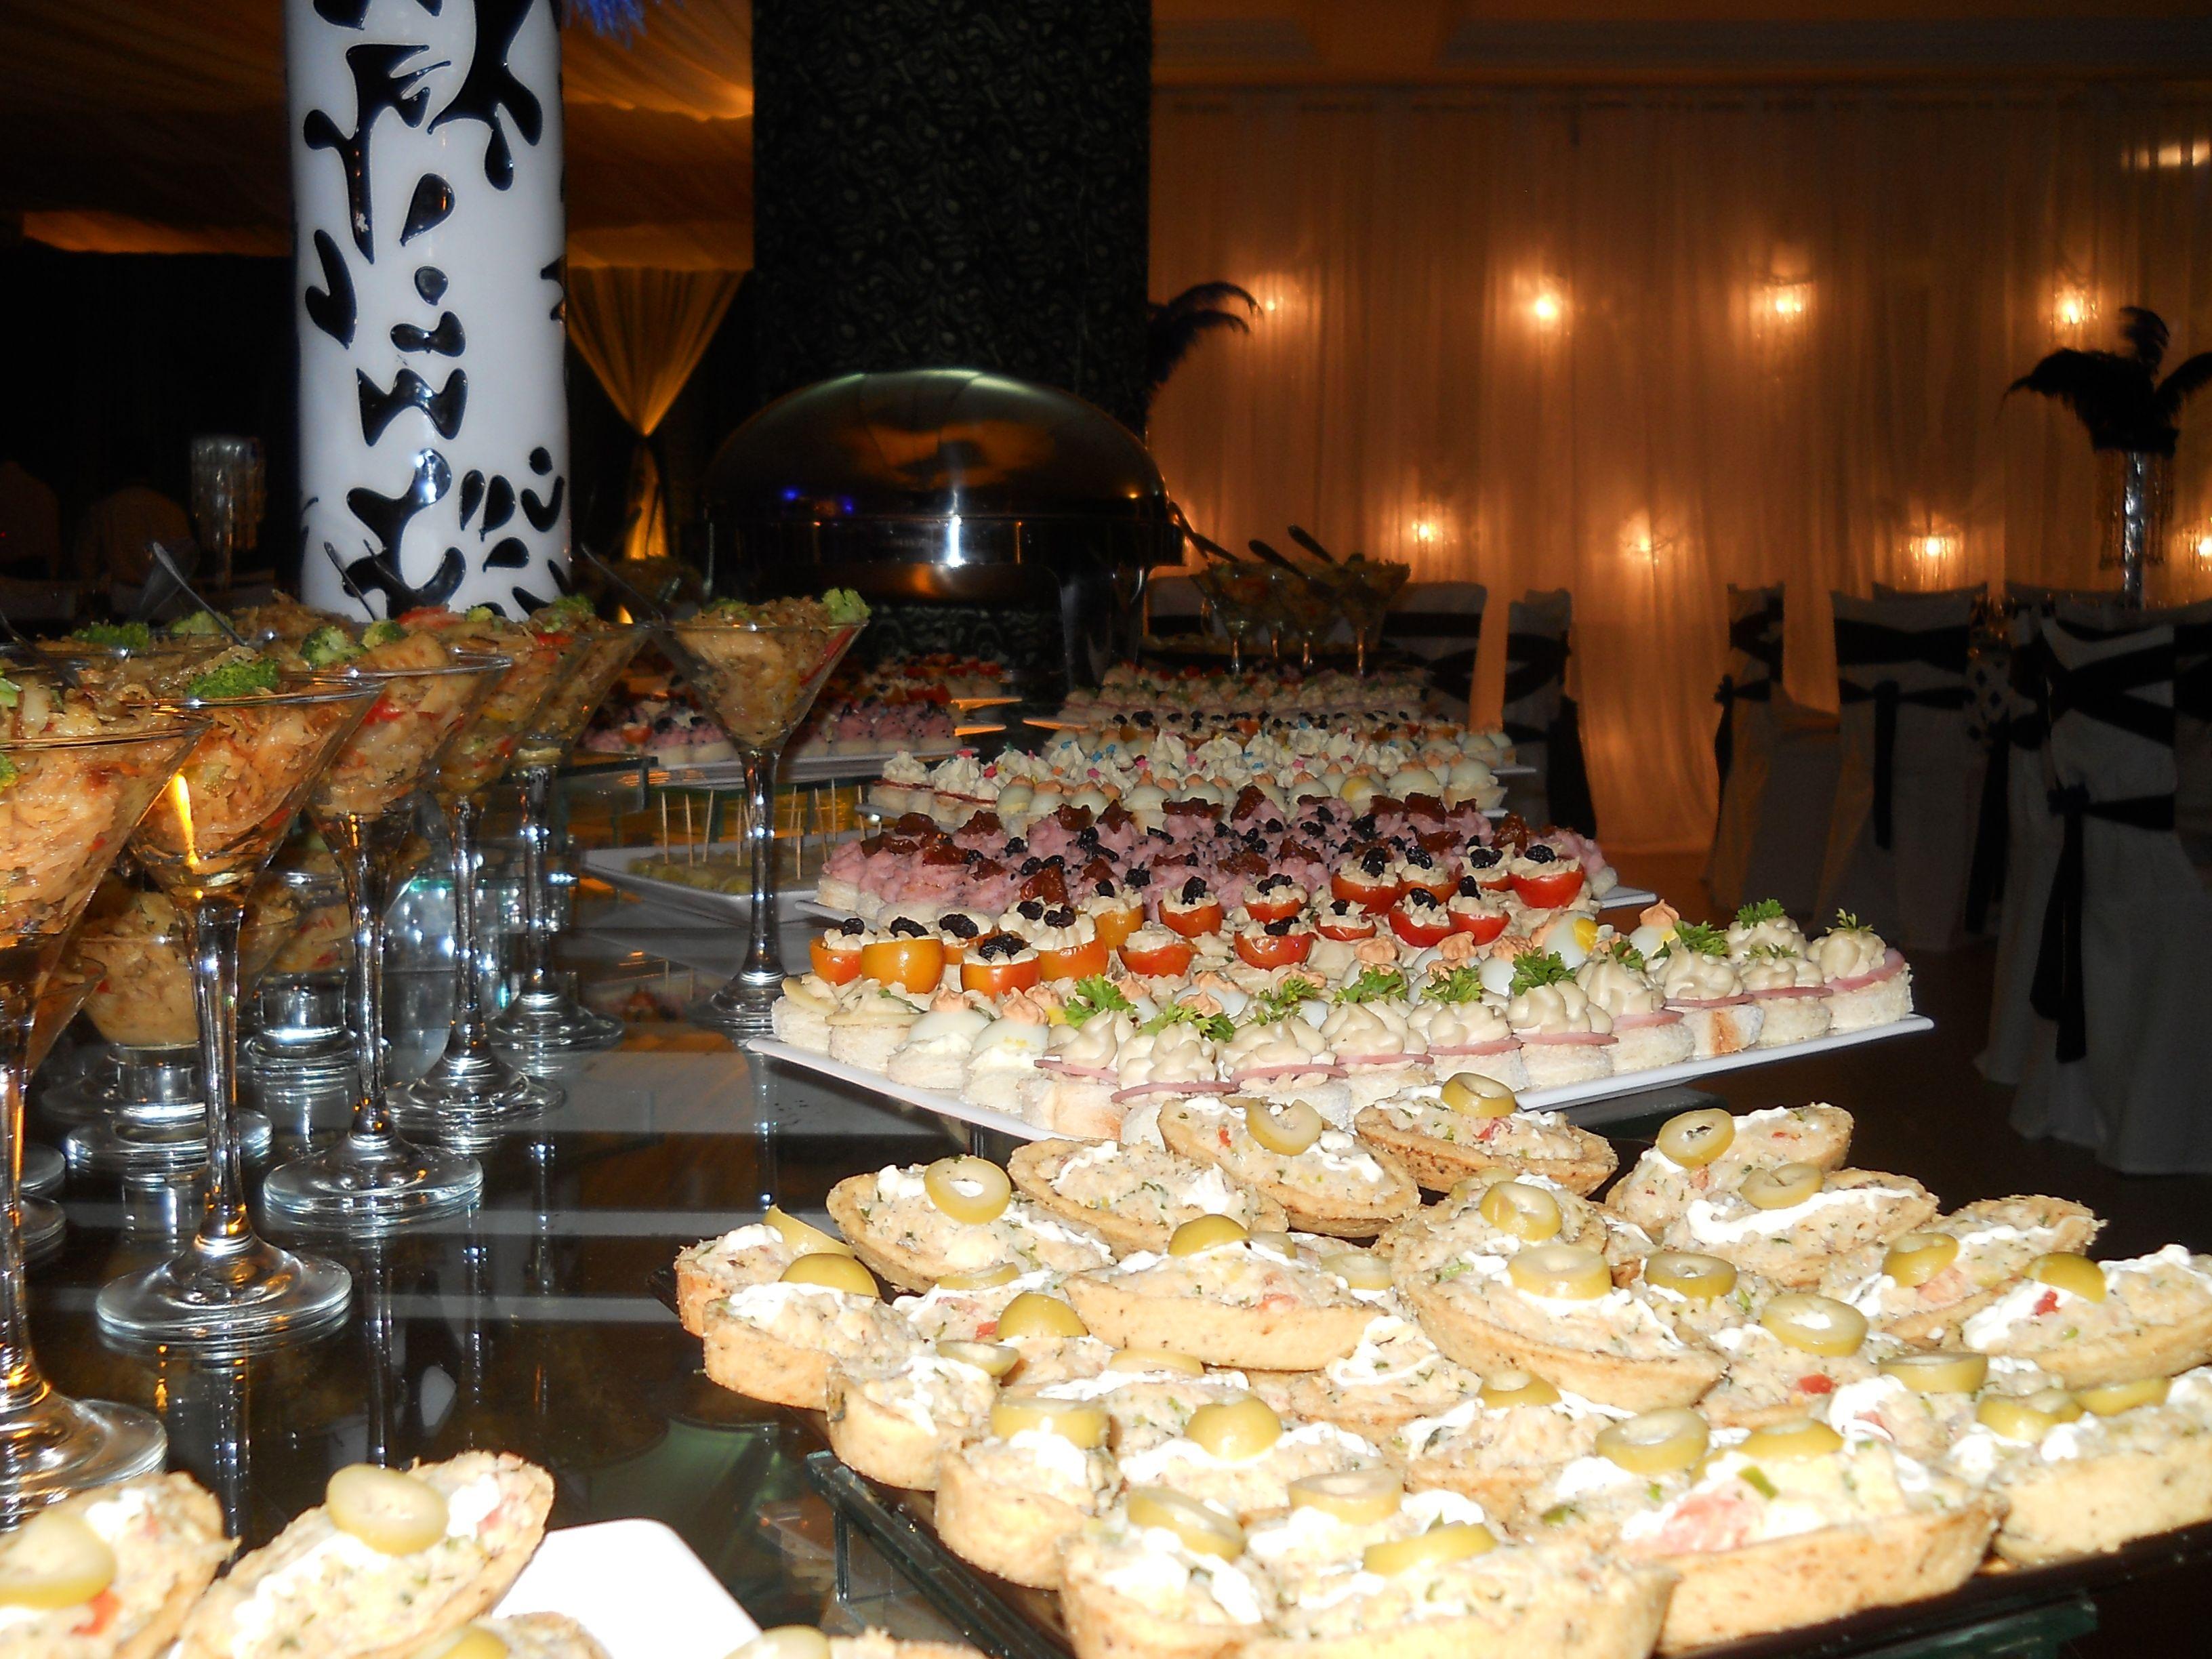 Realizamos eventos nos principais salões e buffets, tendo como marca indelével a garantia da execução do serviço, em todos os quesitos: pontualidade, qualidade dos equipamentos, acabamento, atendimento e nível técnico da equipe.